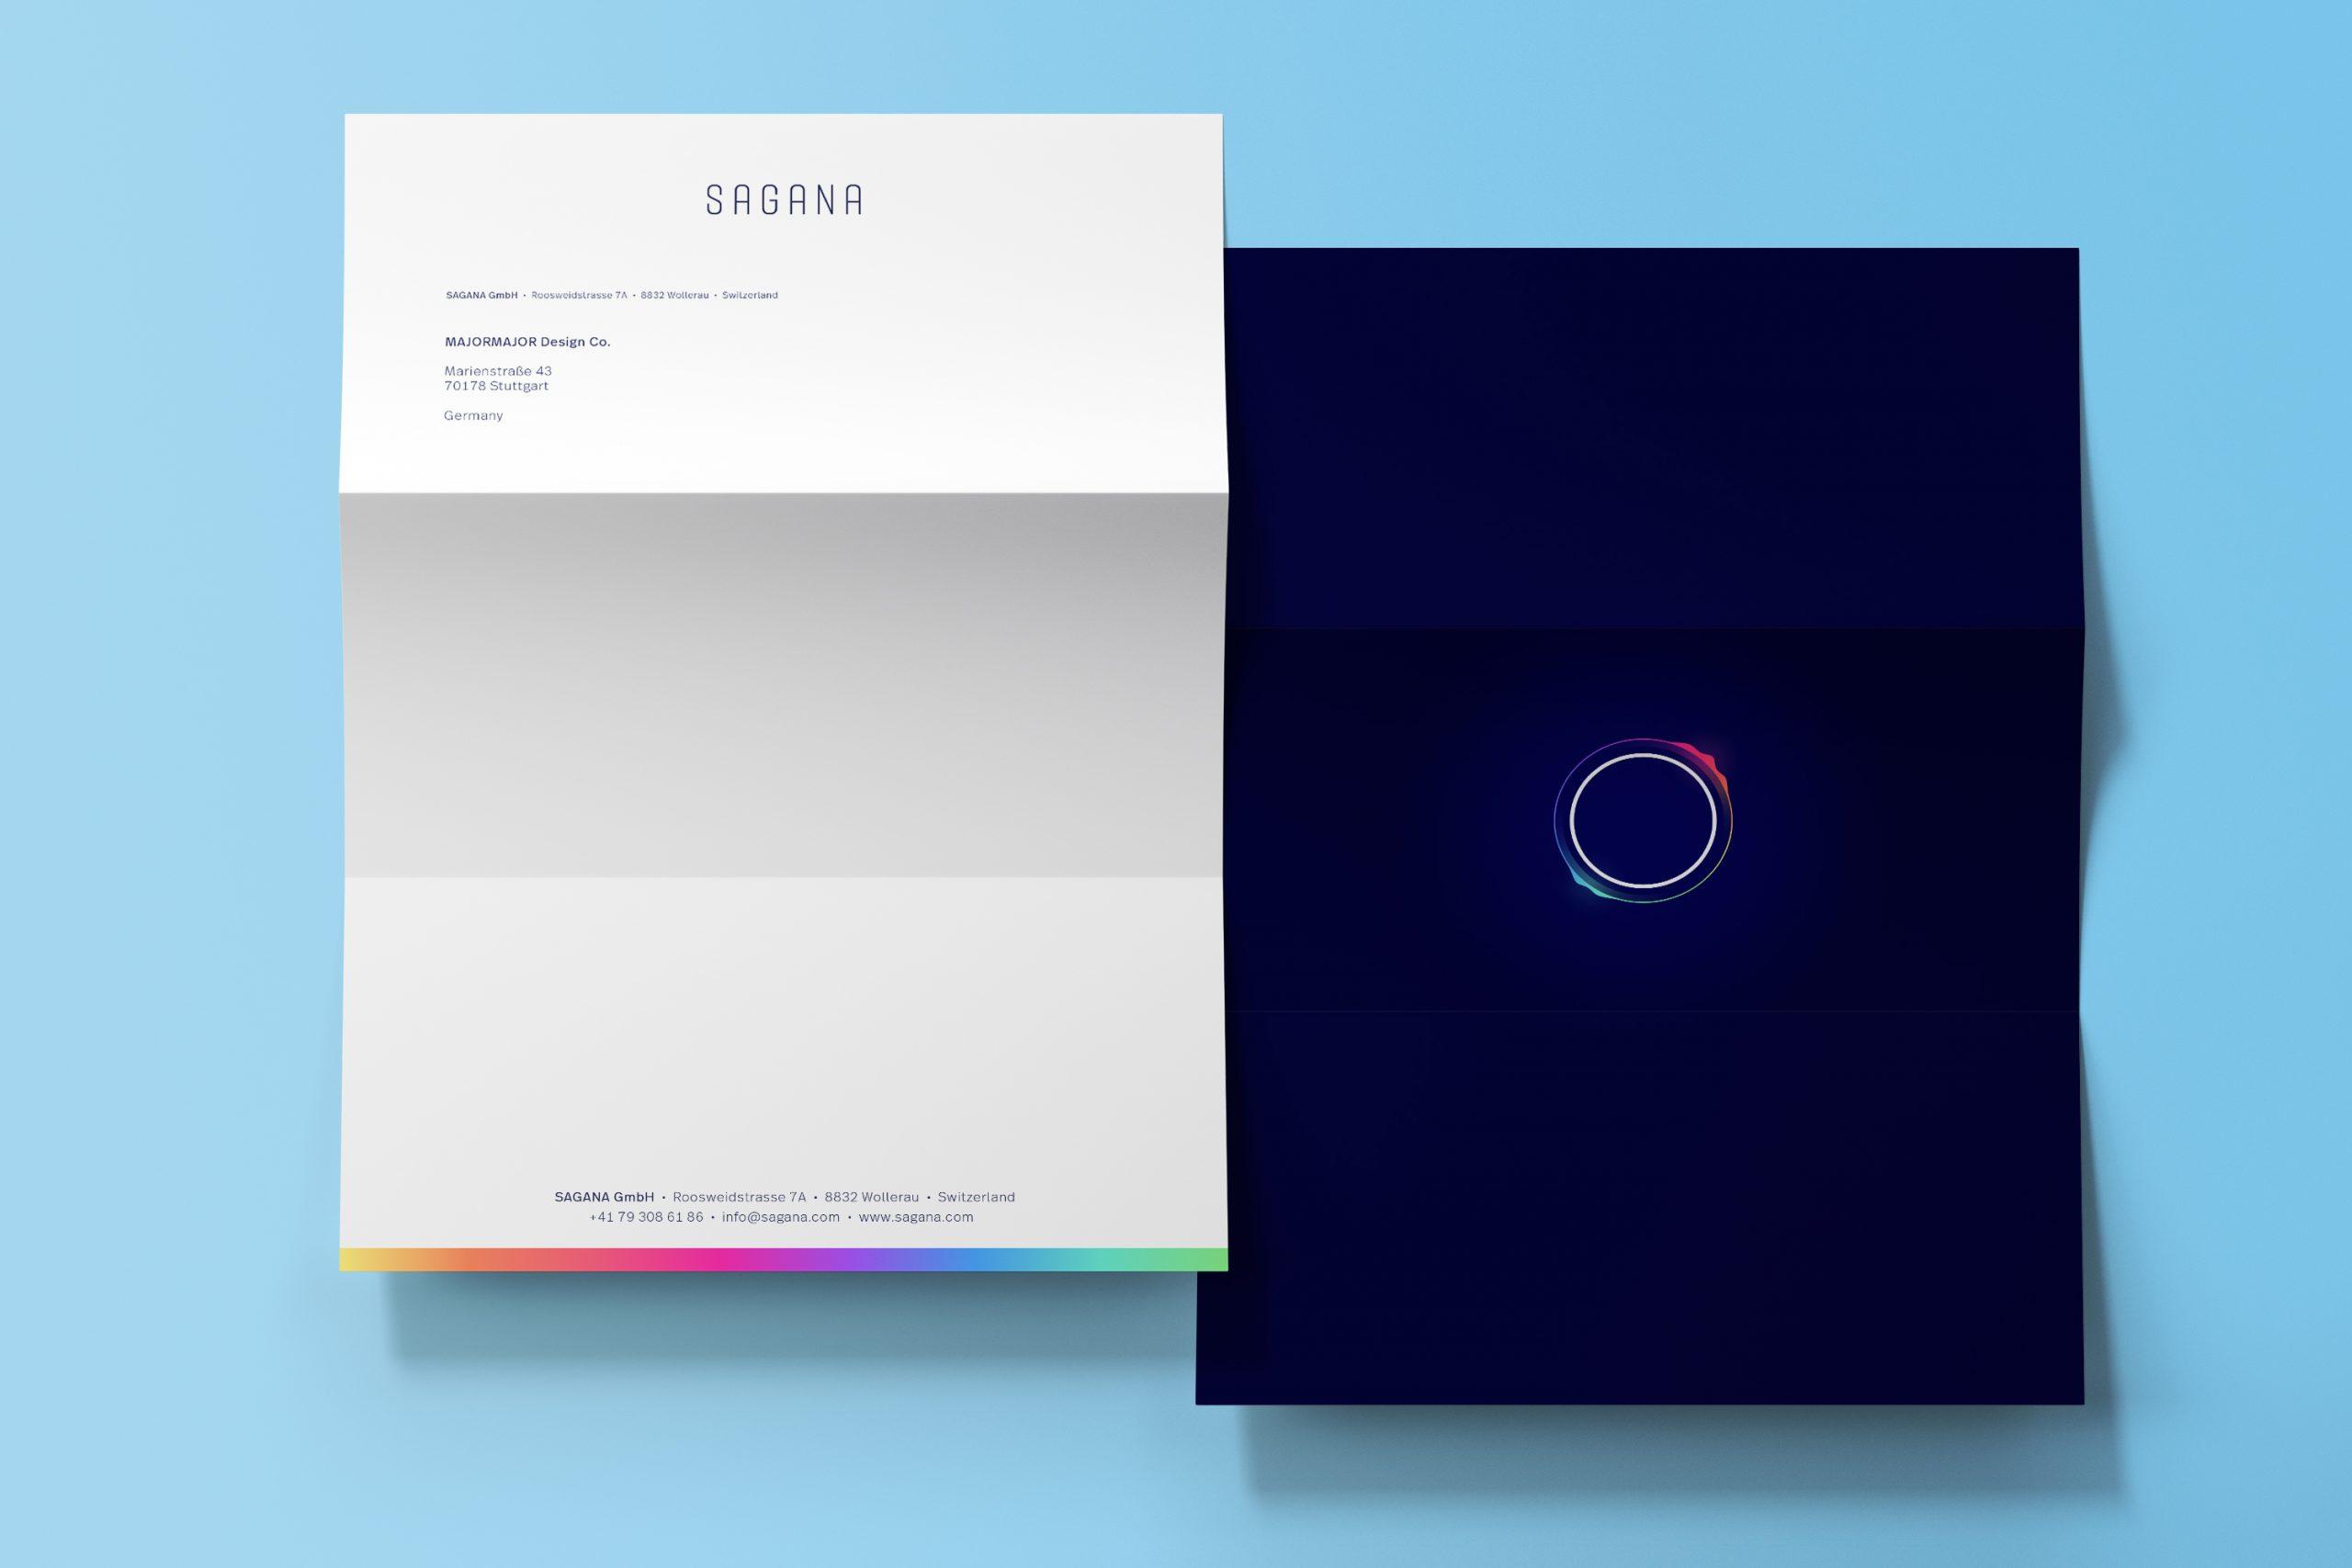 Zu sehen ist das SAGANA-Briefpapier. Auf der Vorderseite befindet sich die Wortmarke und die Adressdaten der Impact Investment Beratung. Die Rückseite ist blau und die Bildmarke ist mittig angeordnet. Das Design stammt von MAJORMAJOR.